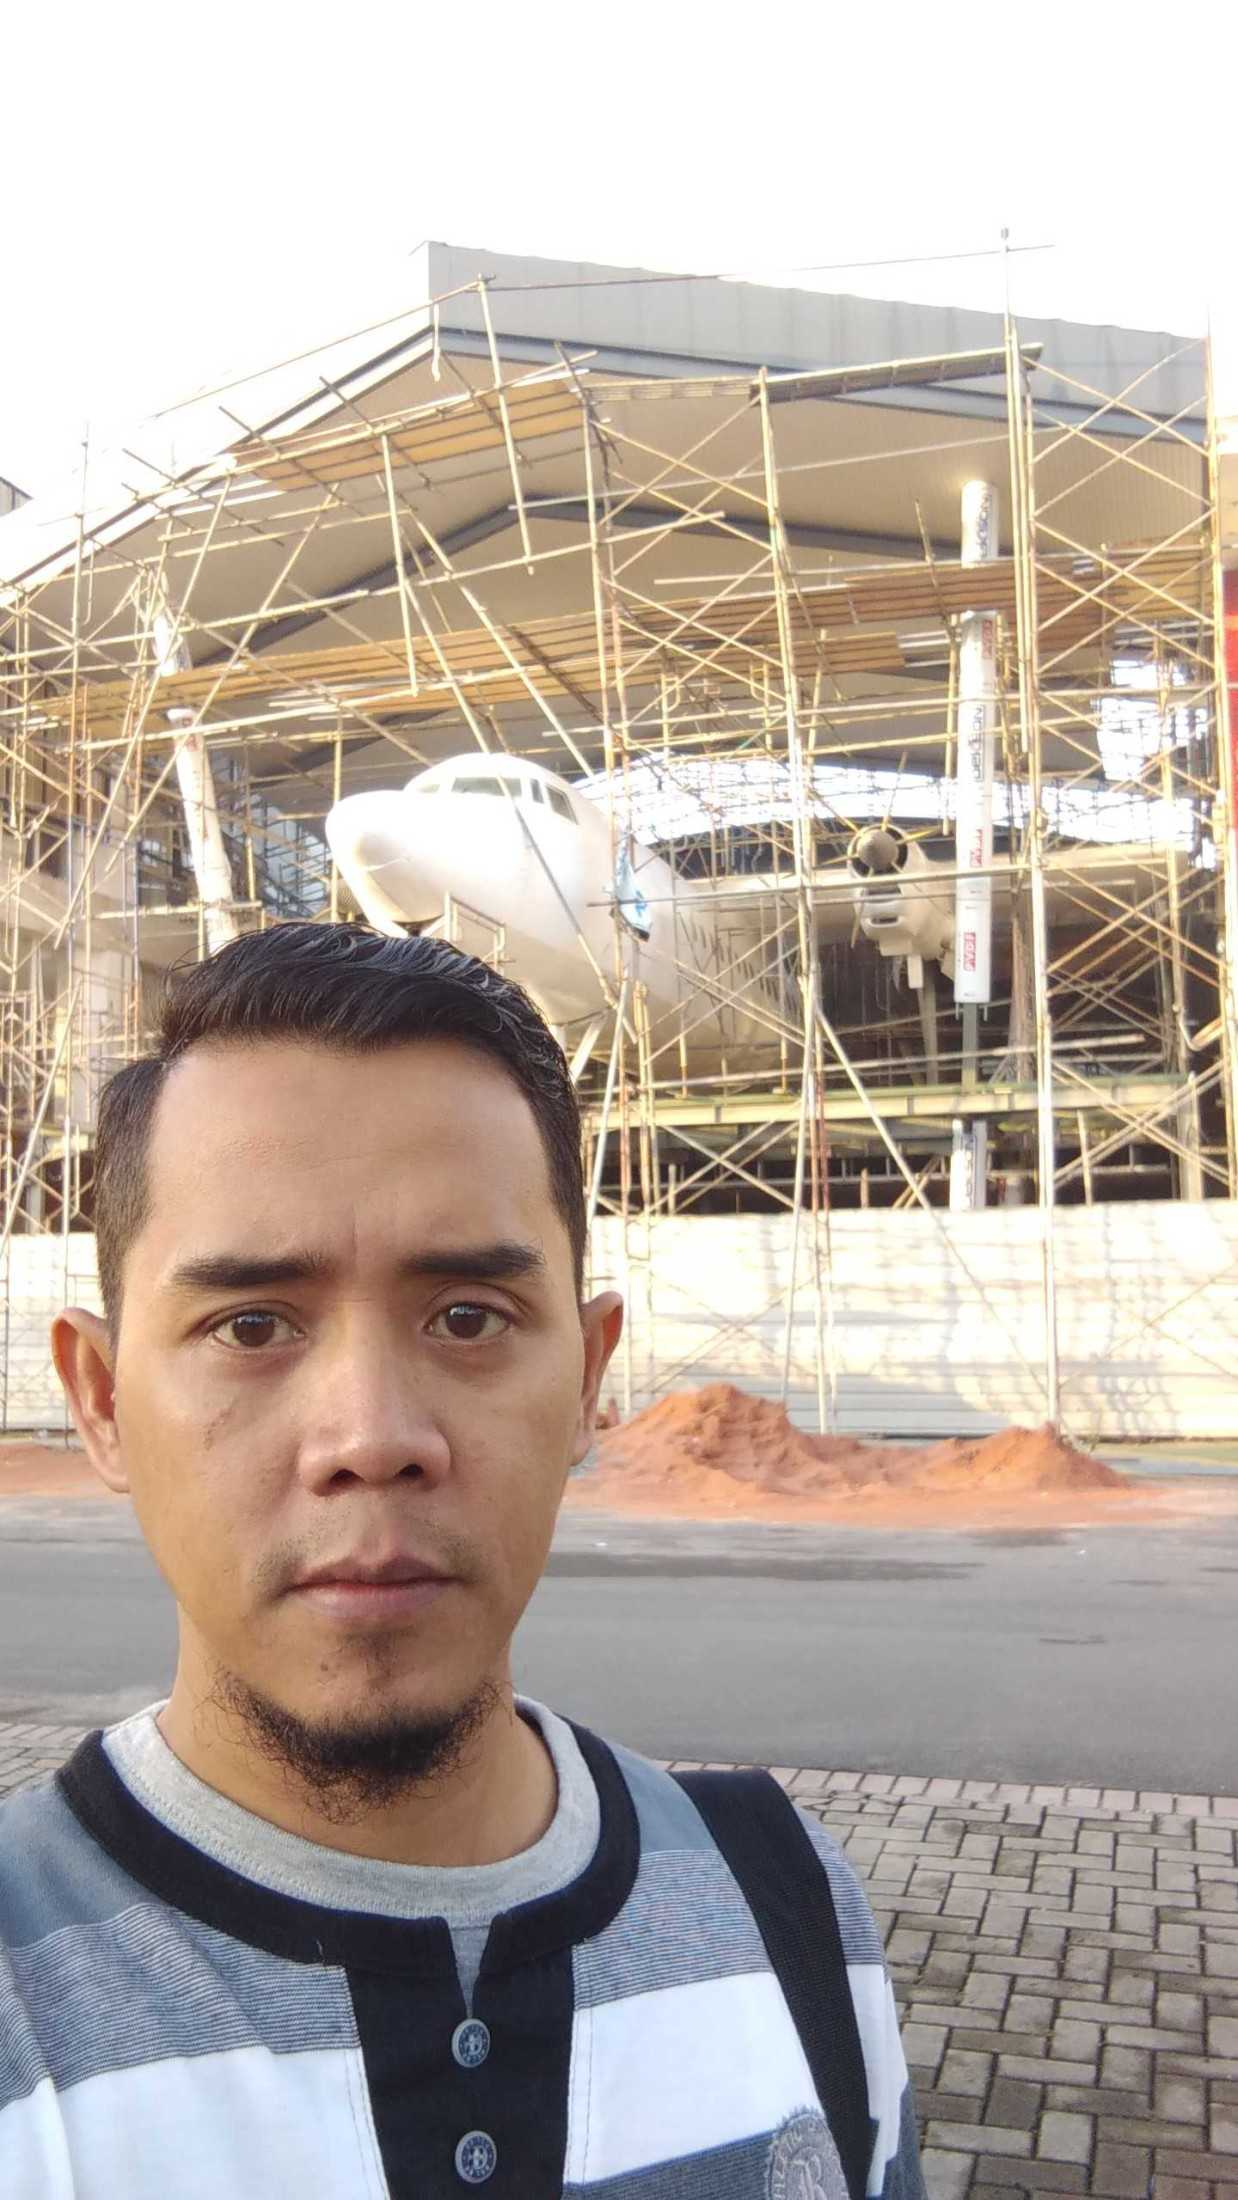 Dwi Kristiyanto Ninos Batam Kec. Batam Kota, Kota Batam, Kepulauan Riau, Indonesia Kec. Batam Kota, Kota Batam, Kepulauan Riau, Indonesia Dwi-Kristiyanto-Ninos-Batam  94882